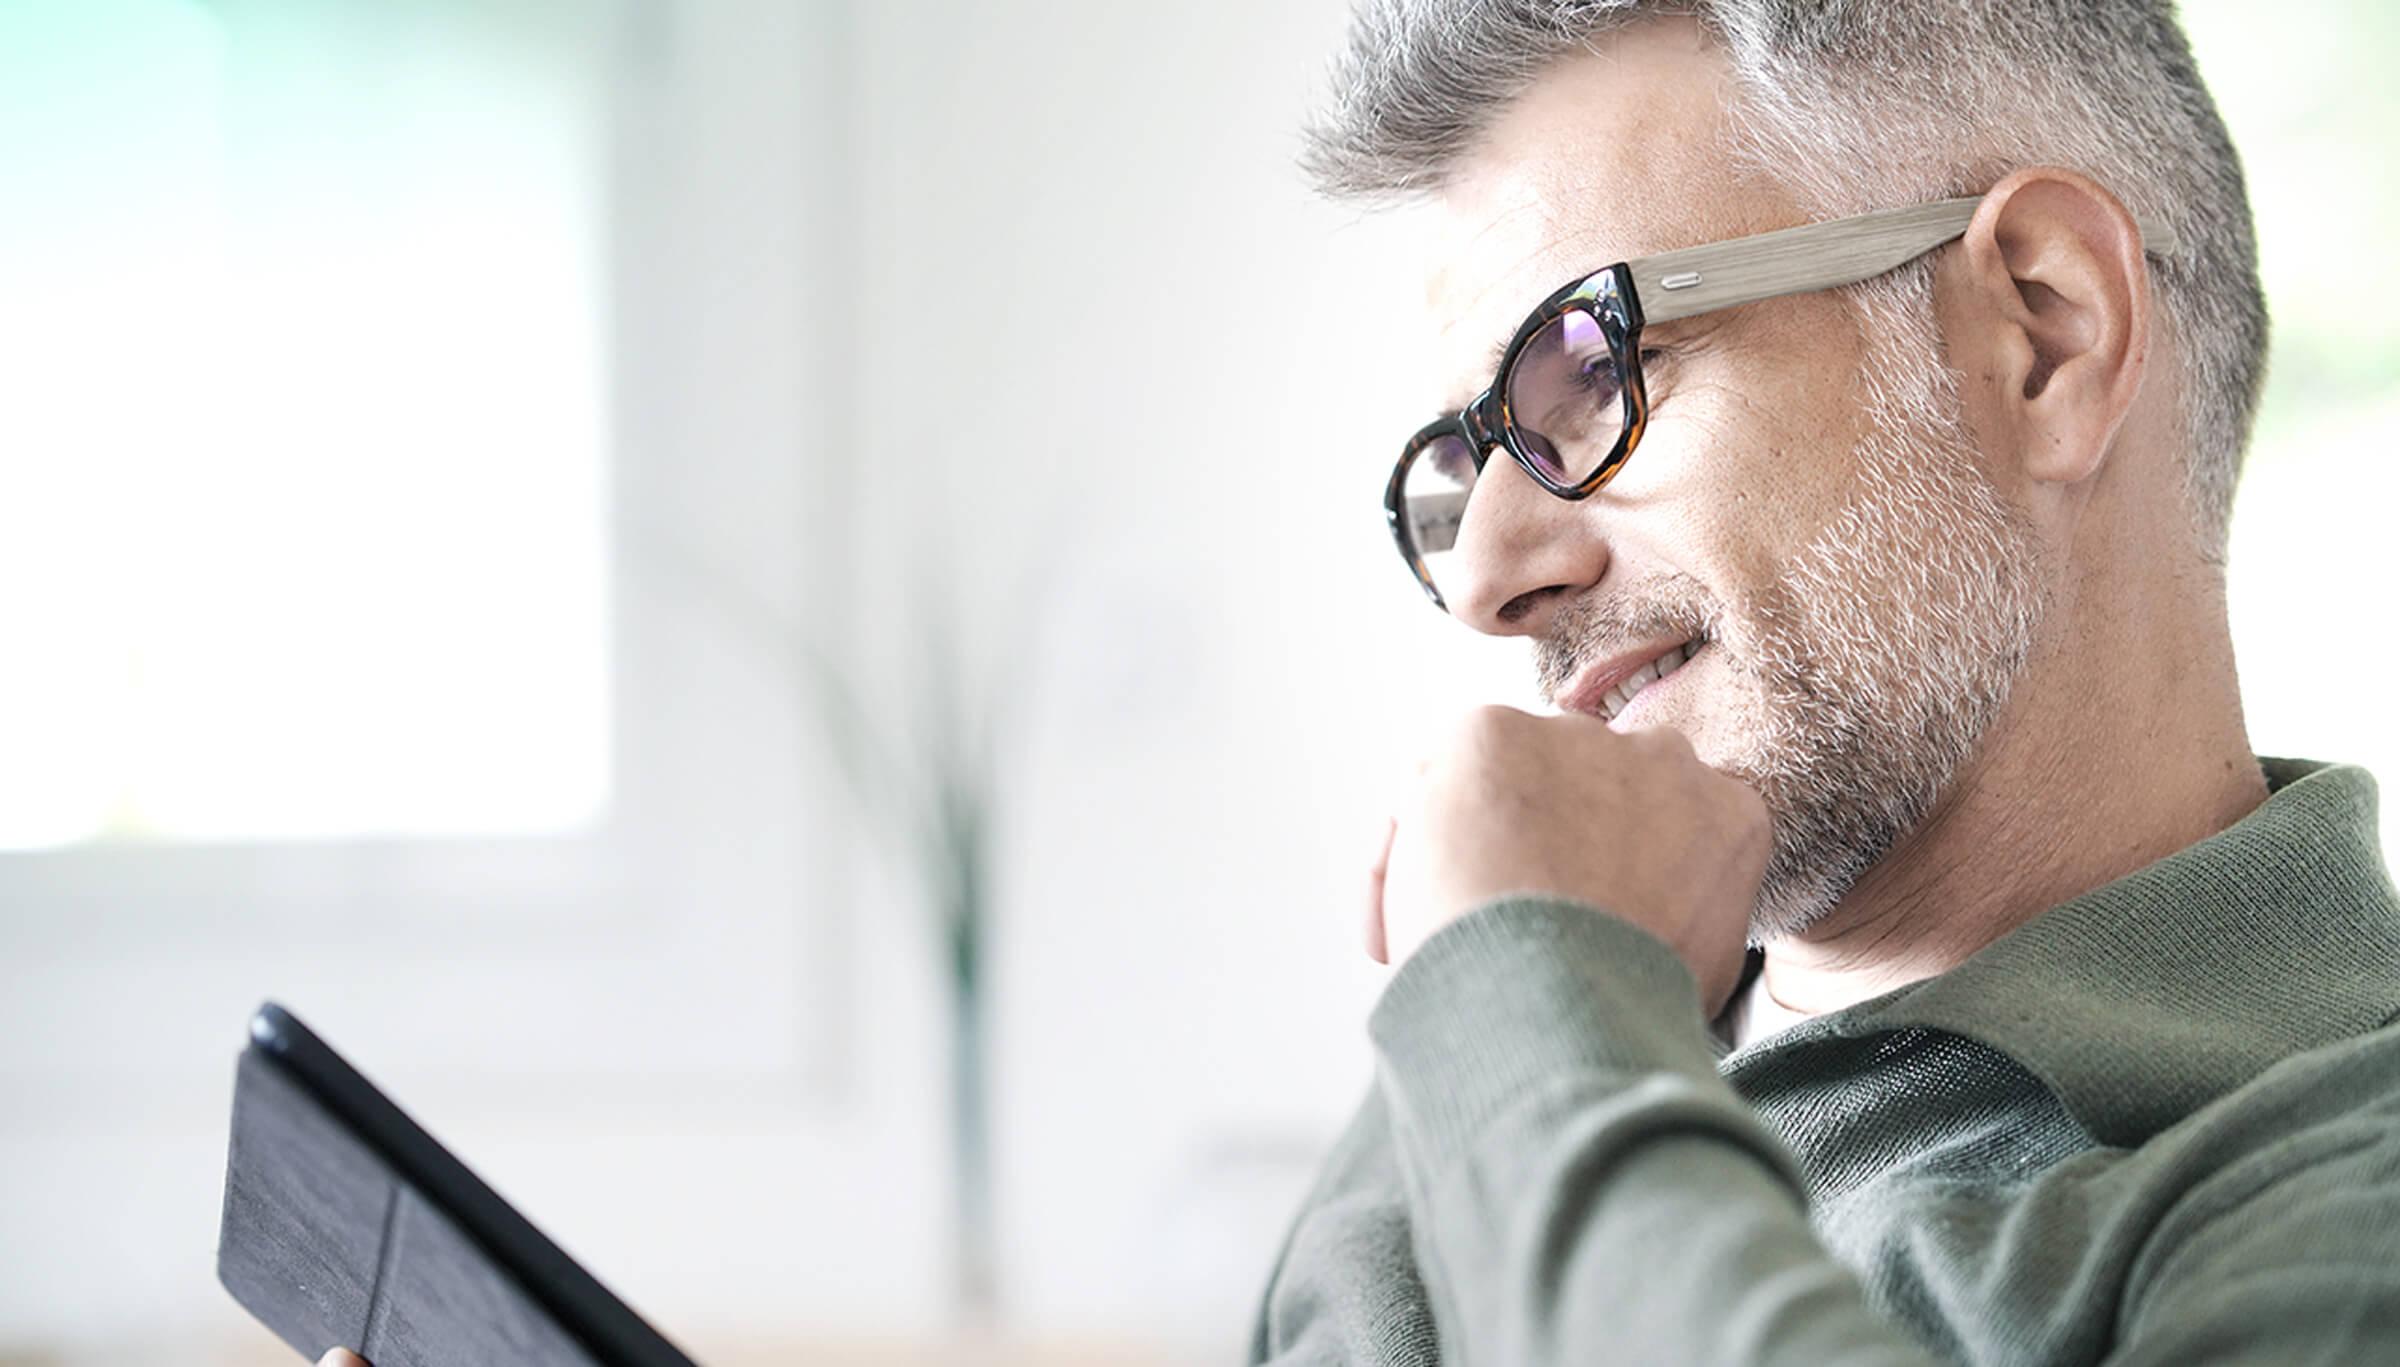 Spokojený investor a klient LYNX kontrolující své investiční portfolio na tabletu